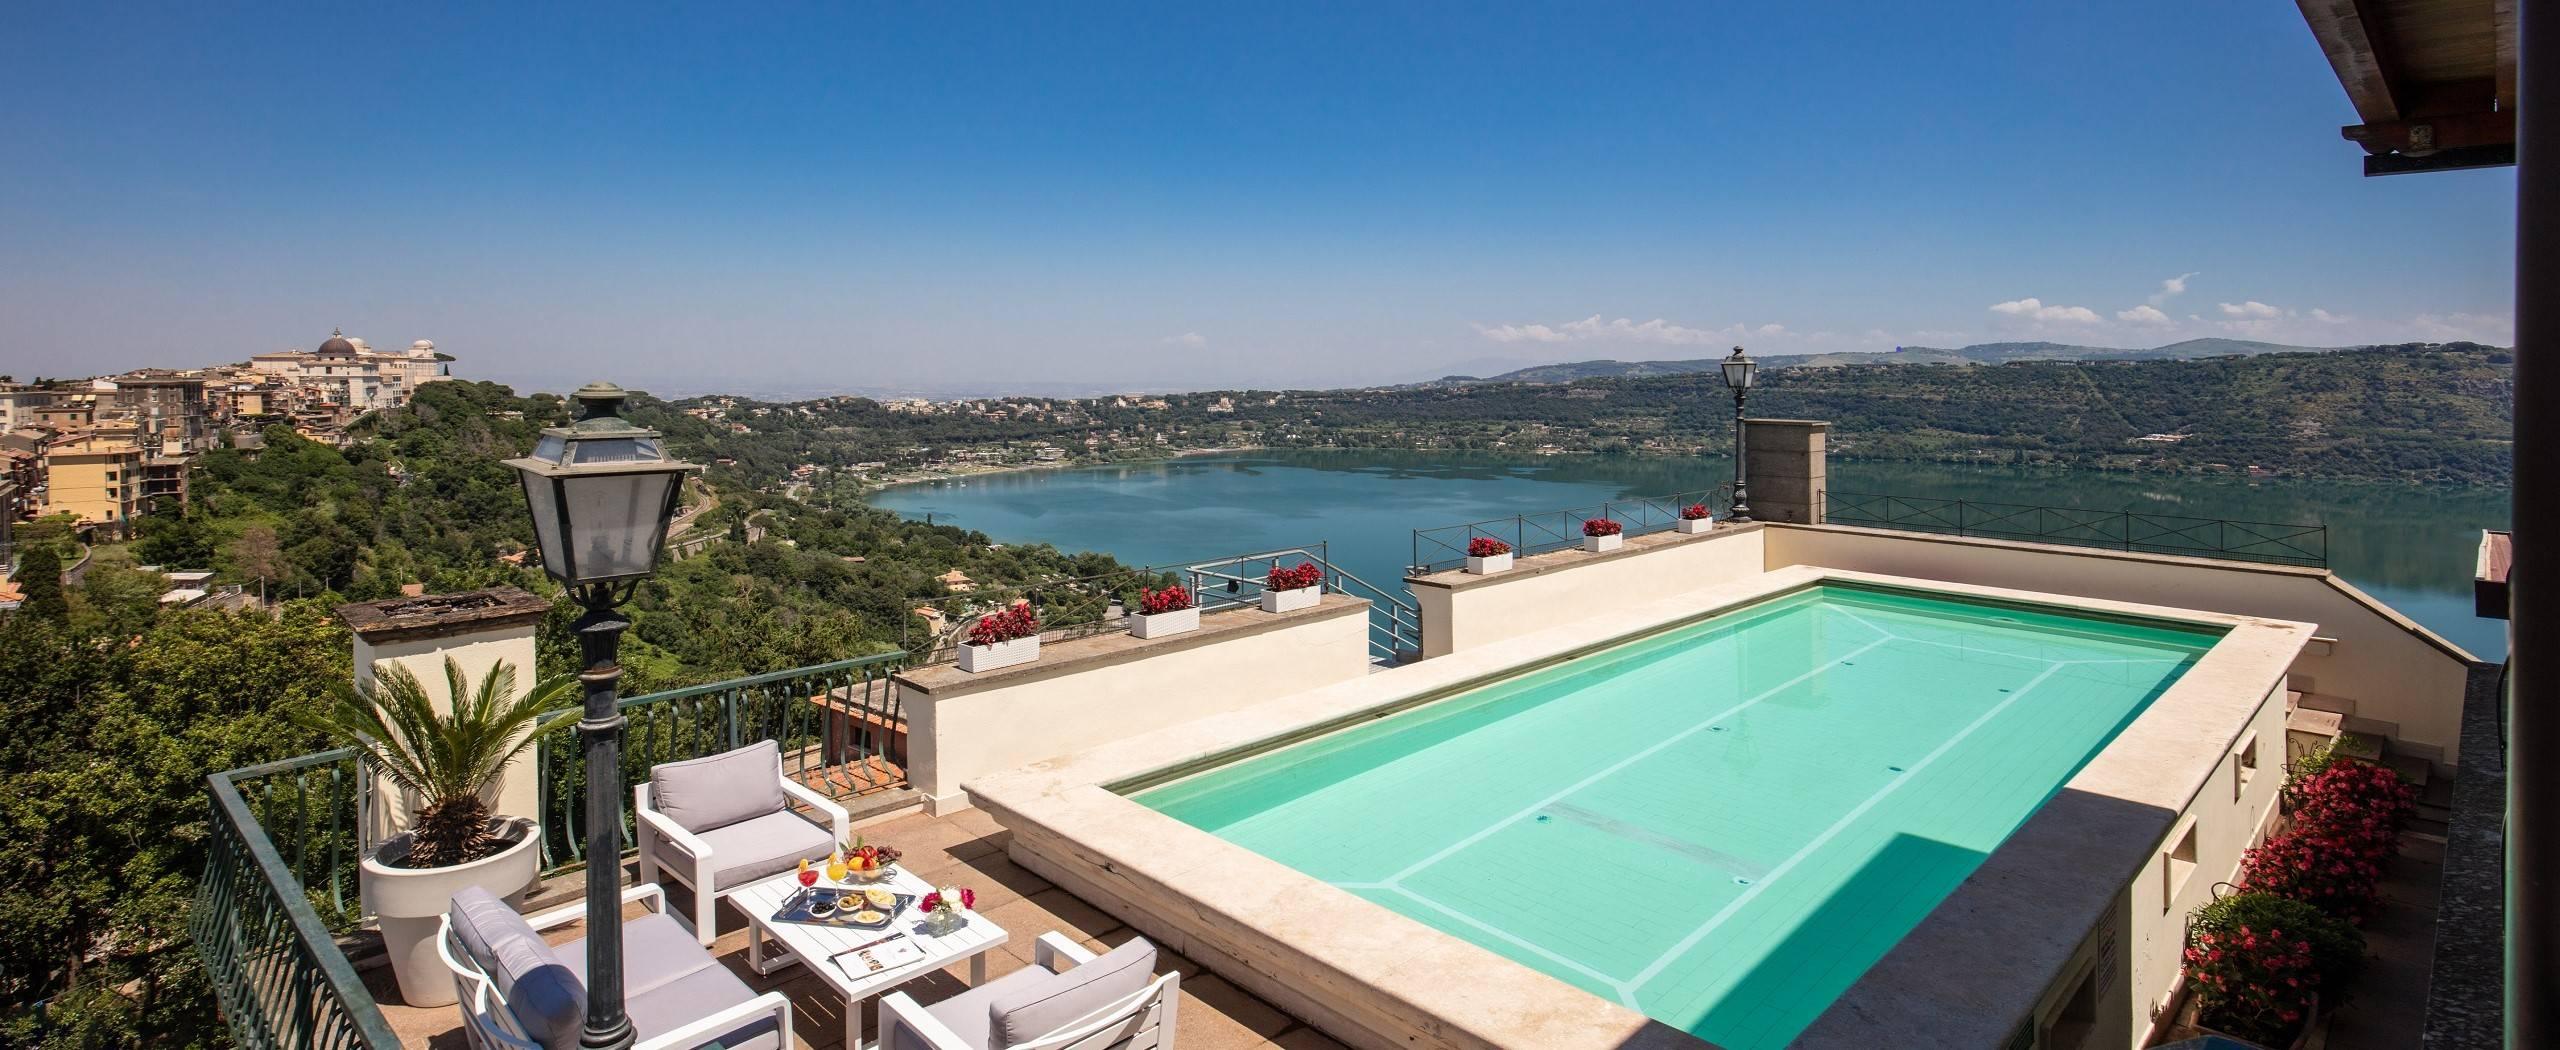 Hotel-Castel-Vecchio-Lago-Albano-Roof-garden-7-Bis